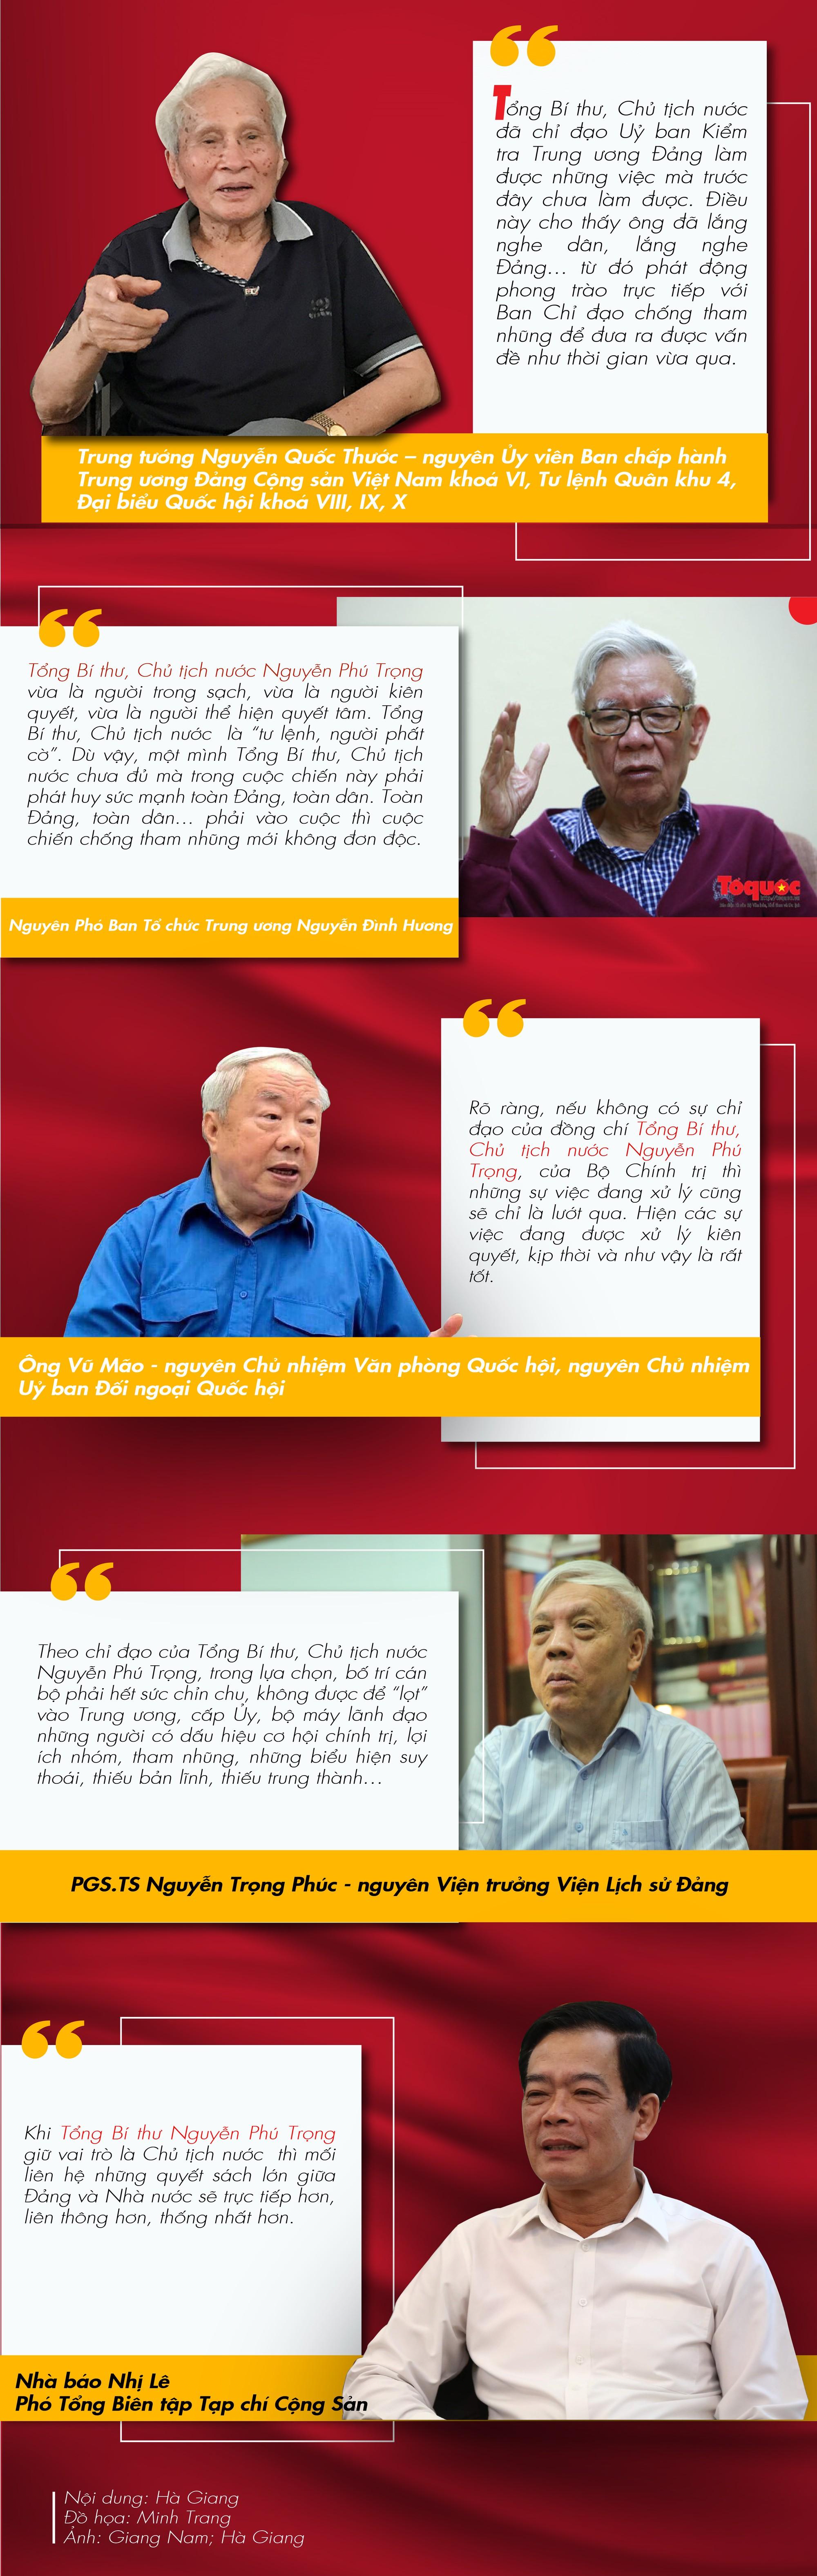 Những phát ngôn ấn tượng về Tổng Bí thư, Chủ tịch nước Nguyễn Phú Trọng - Ảnh 1.